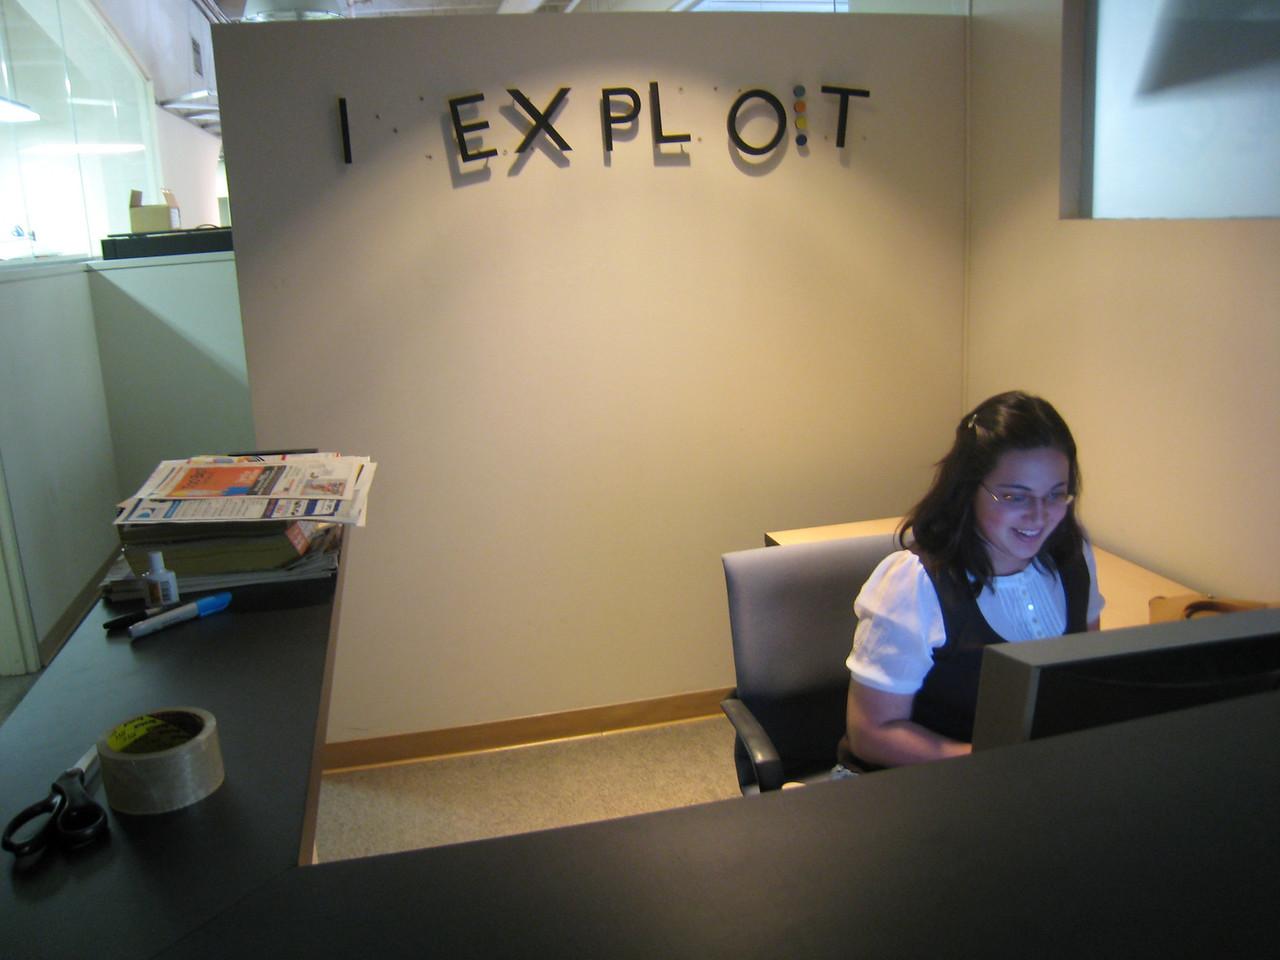 Ranjana is the new receptionist at I Exploit, Inc.